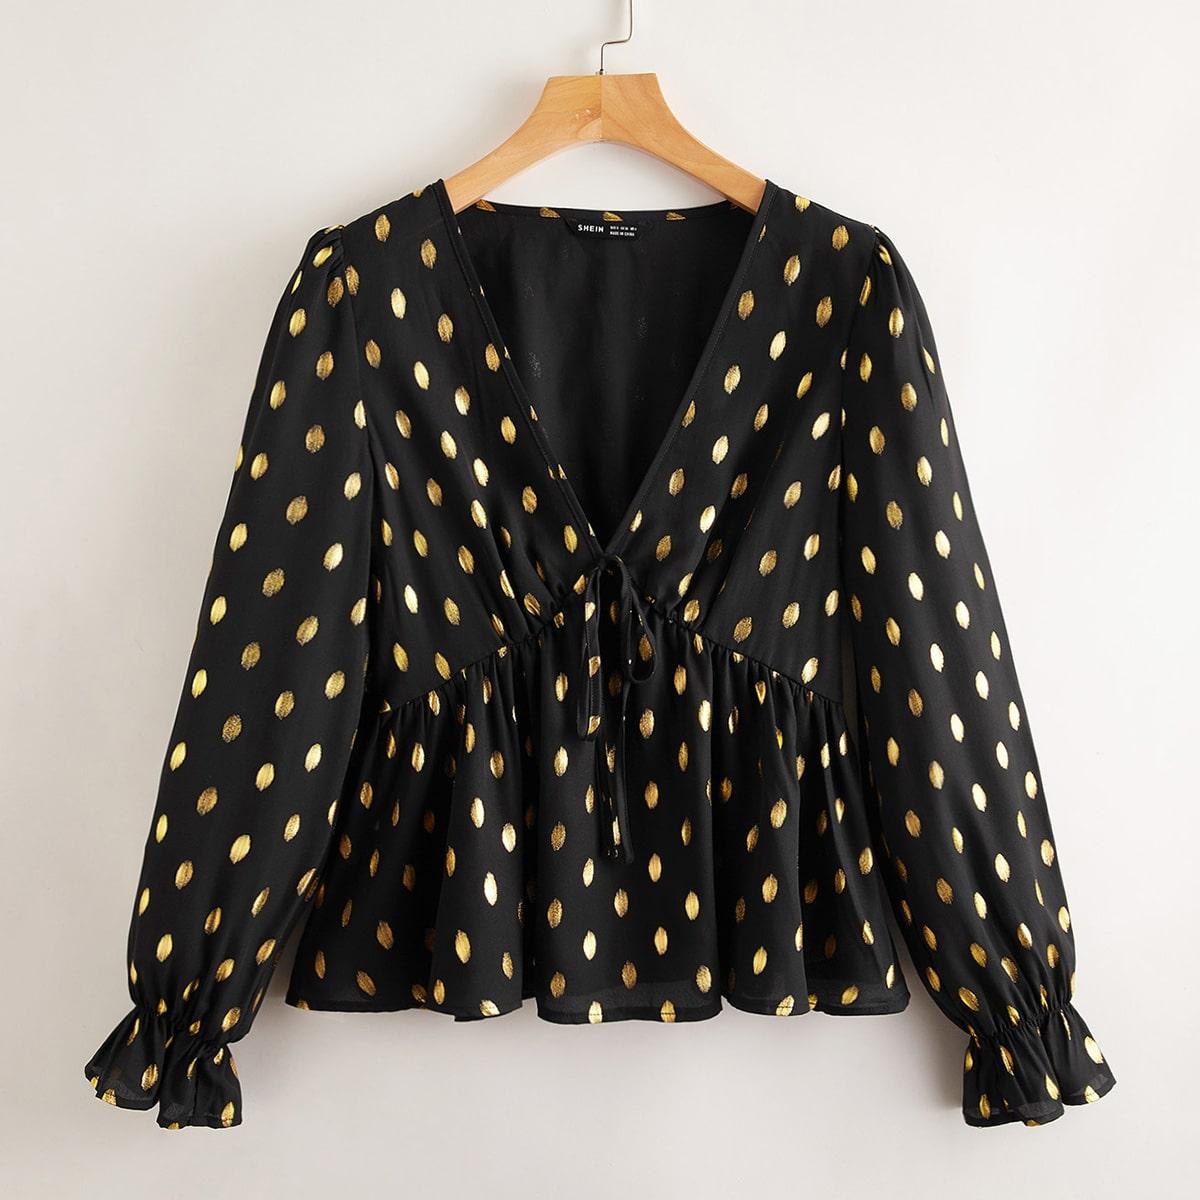 с оборками Принт Элегантный Блузы по цене 666